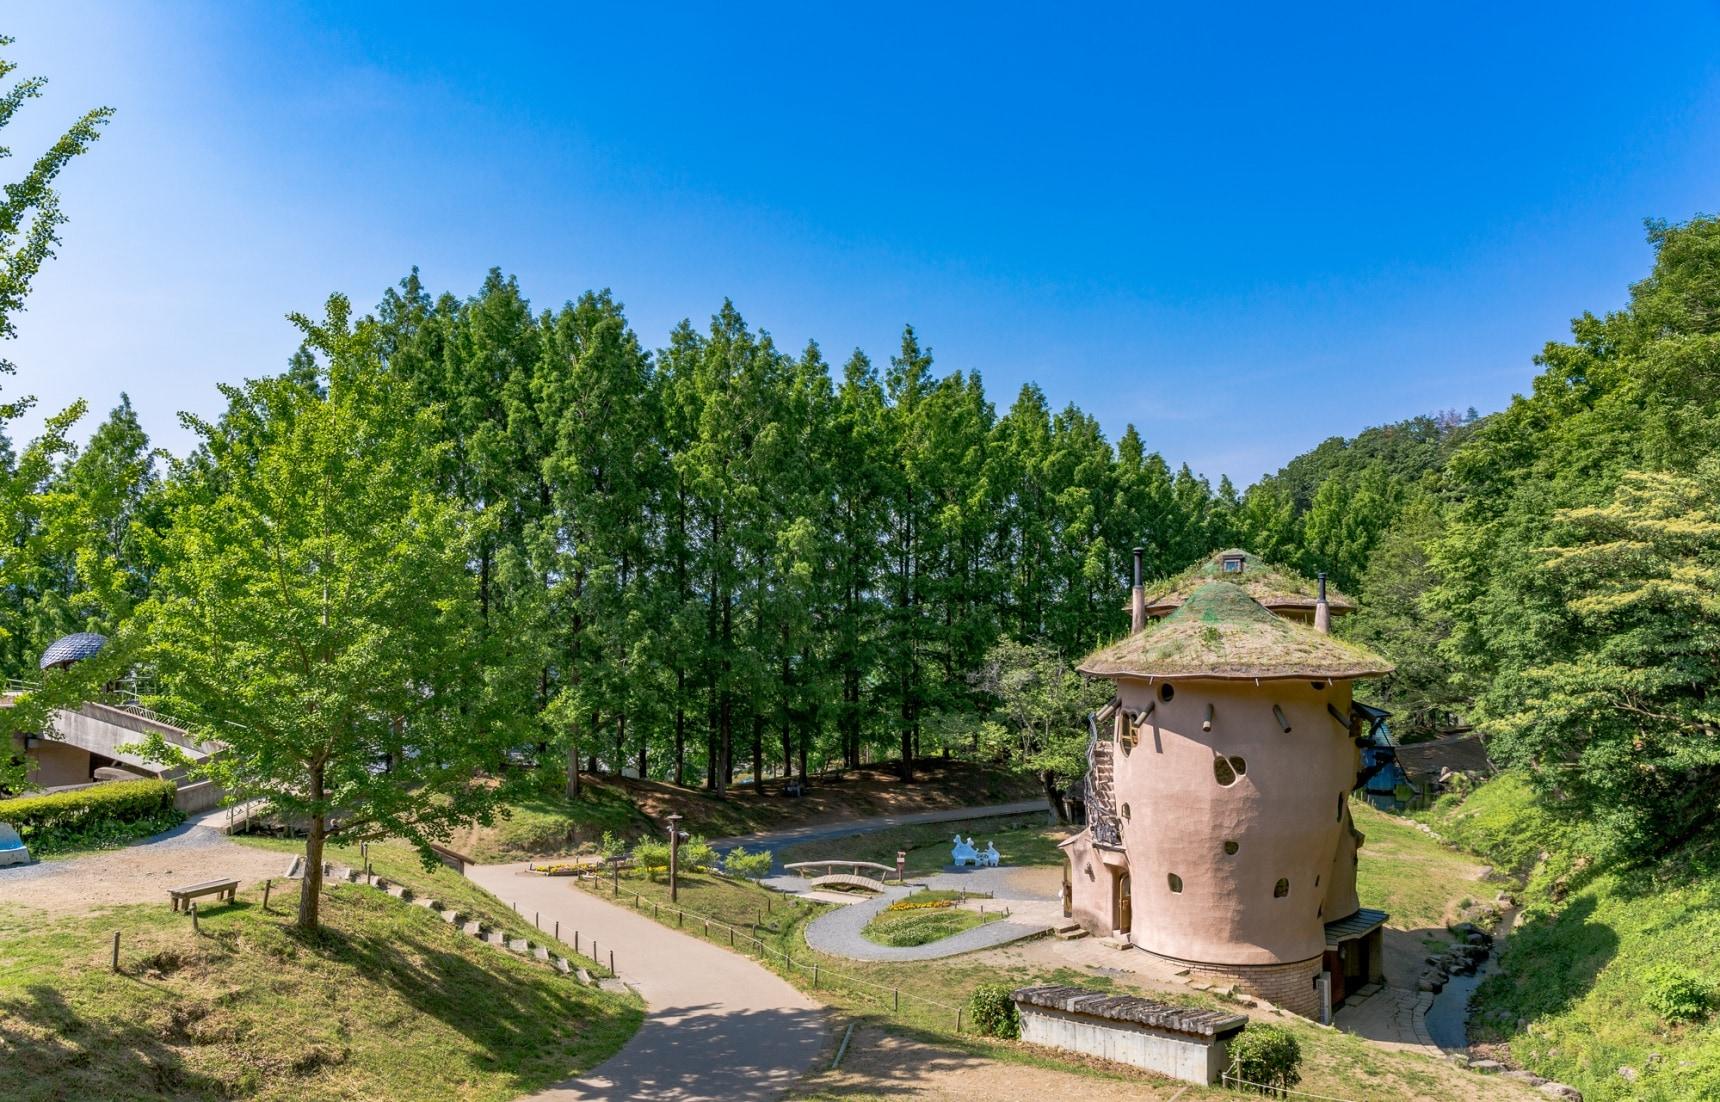 日本亲子自驾游来这里就对了!被大自然与森林包围的噜噜米主题公园